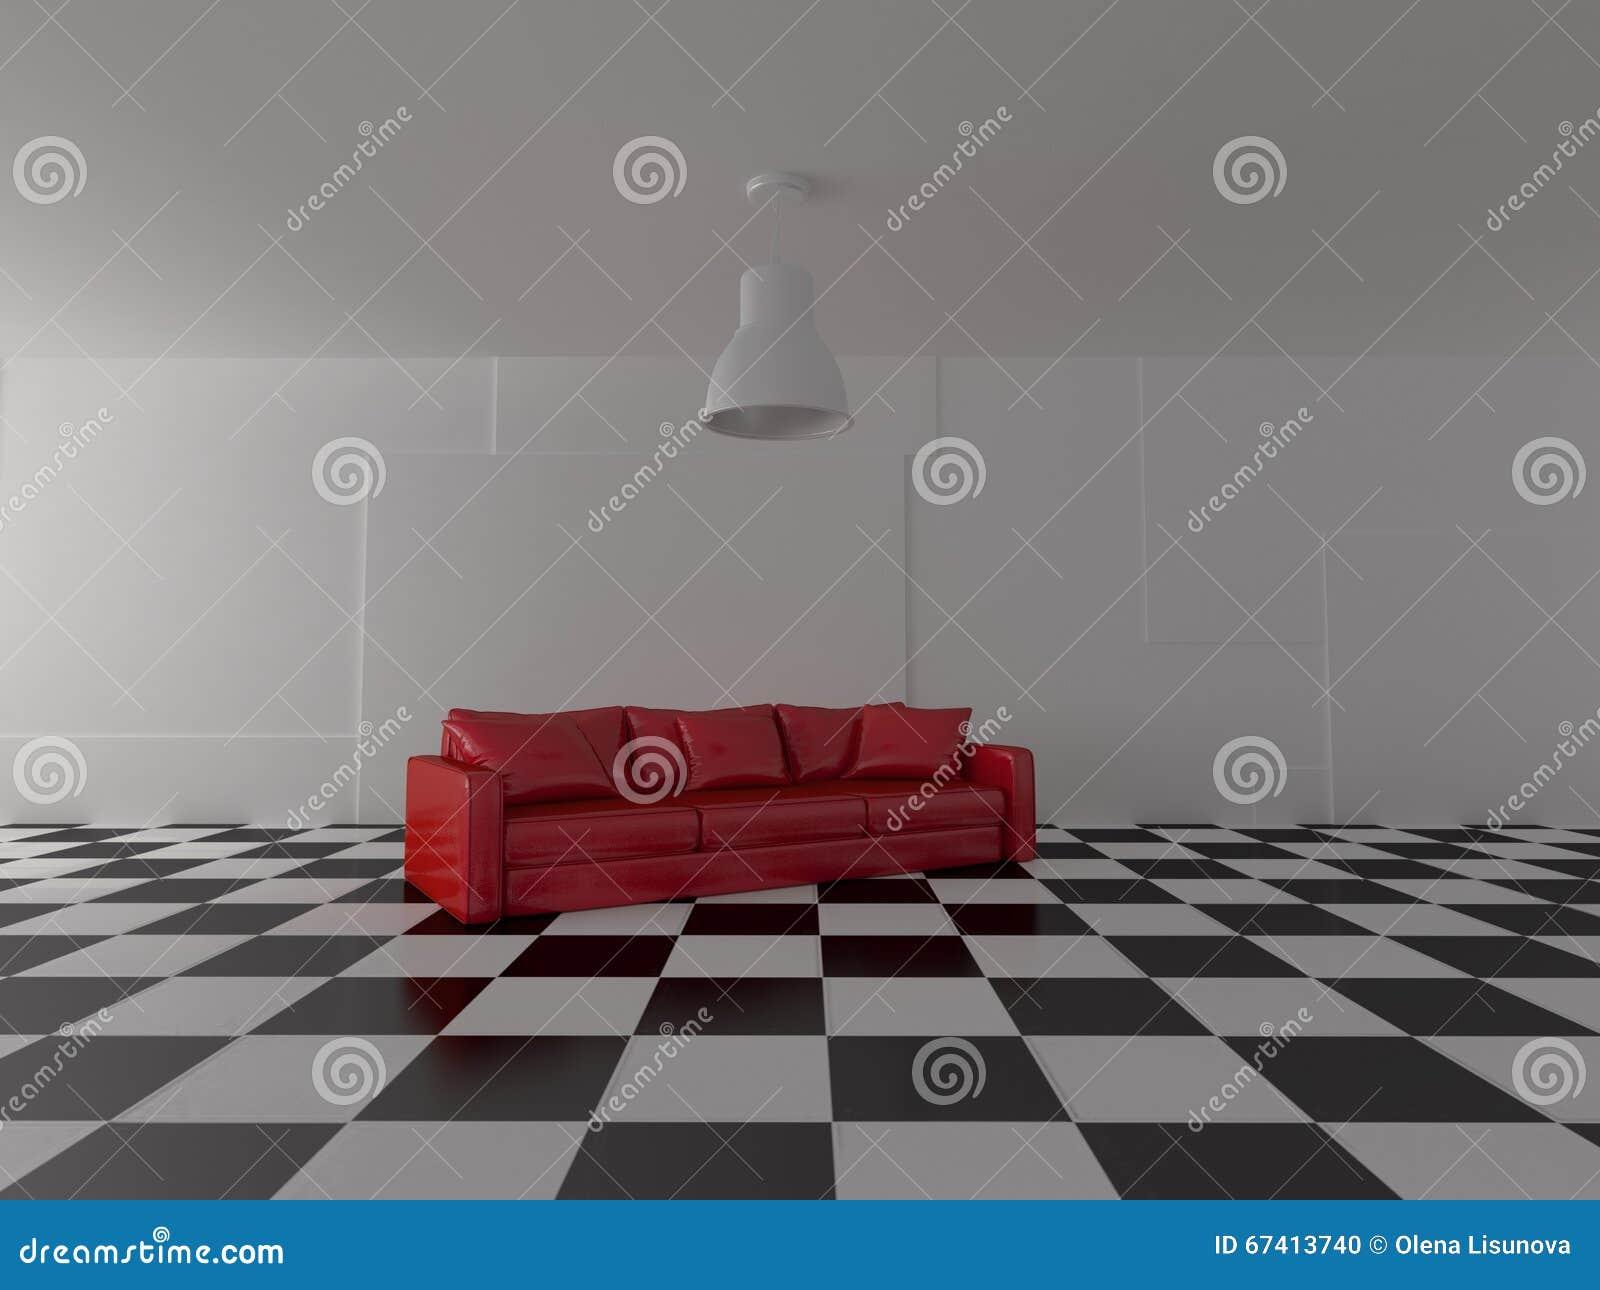 Pavimento Rosso E Bianco : Rappresentazione del sofà luminoso moderno nei colori rossi sul